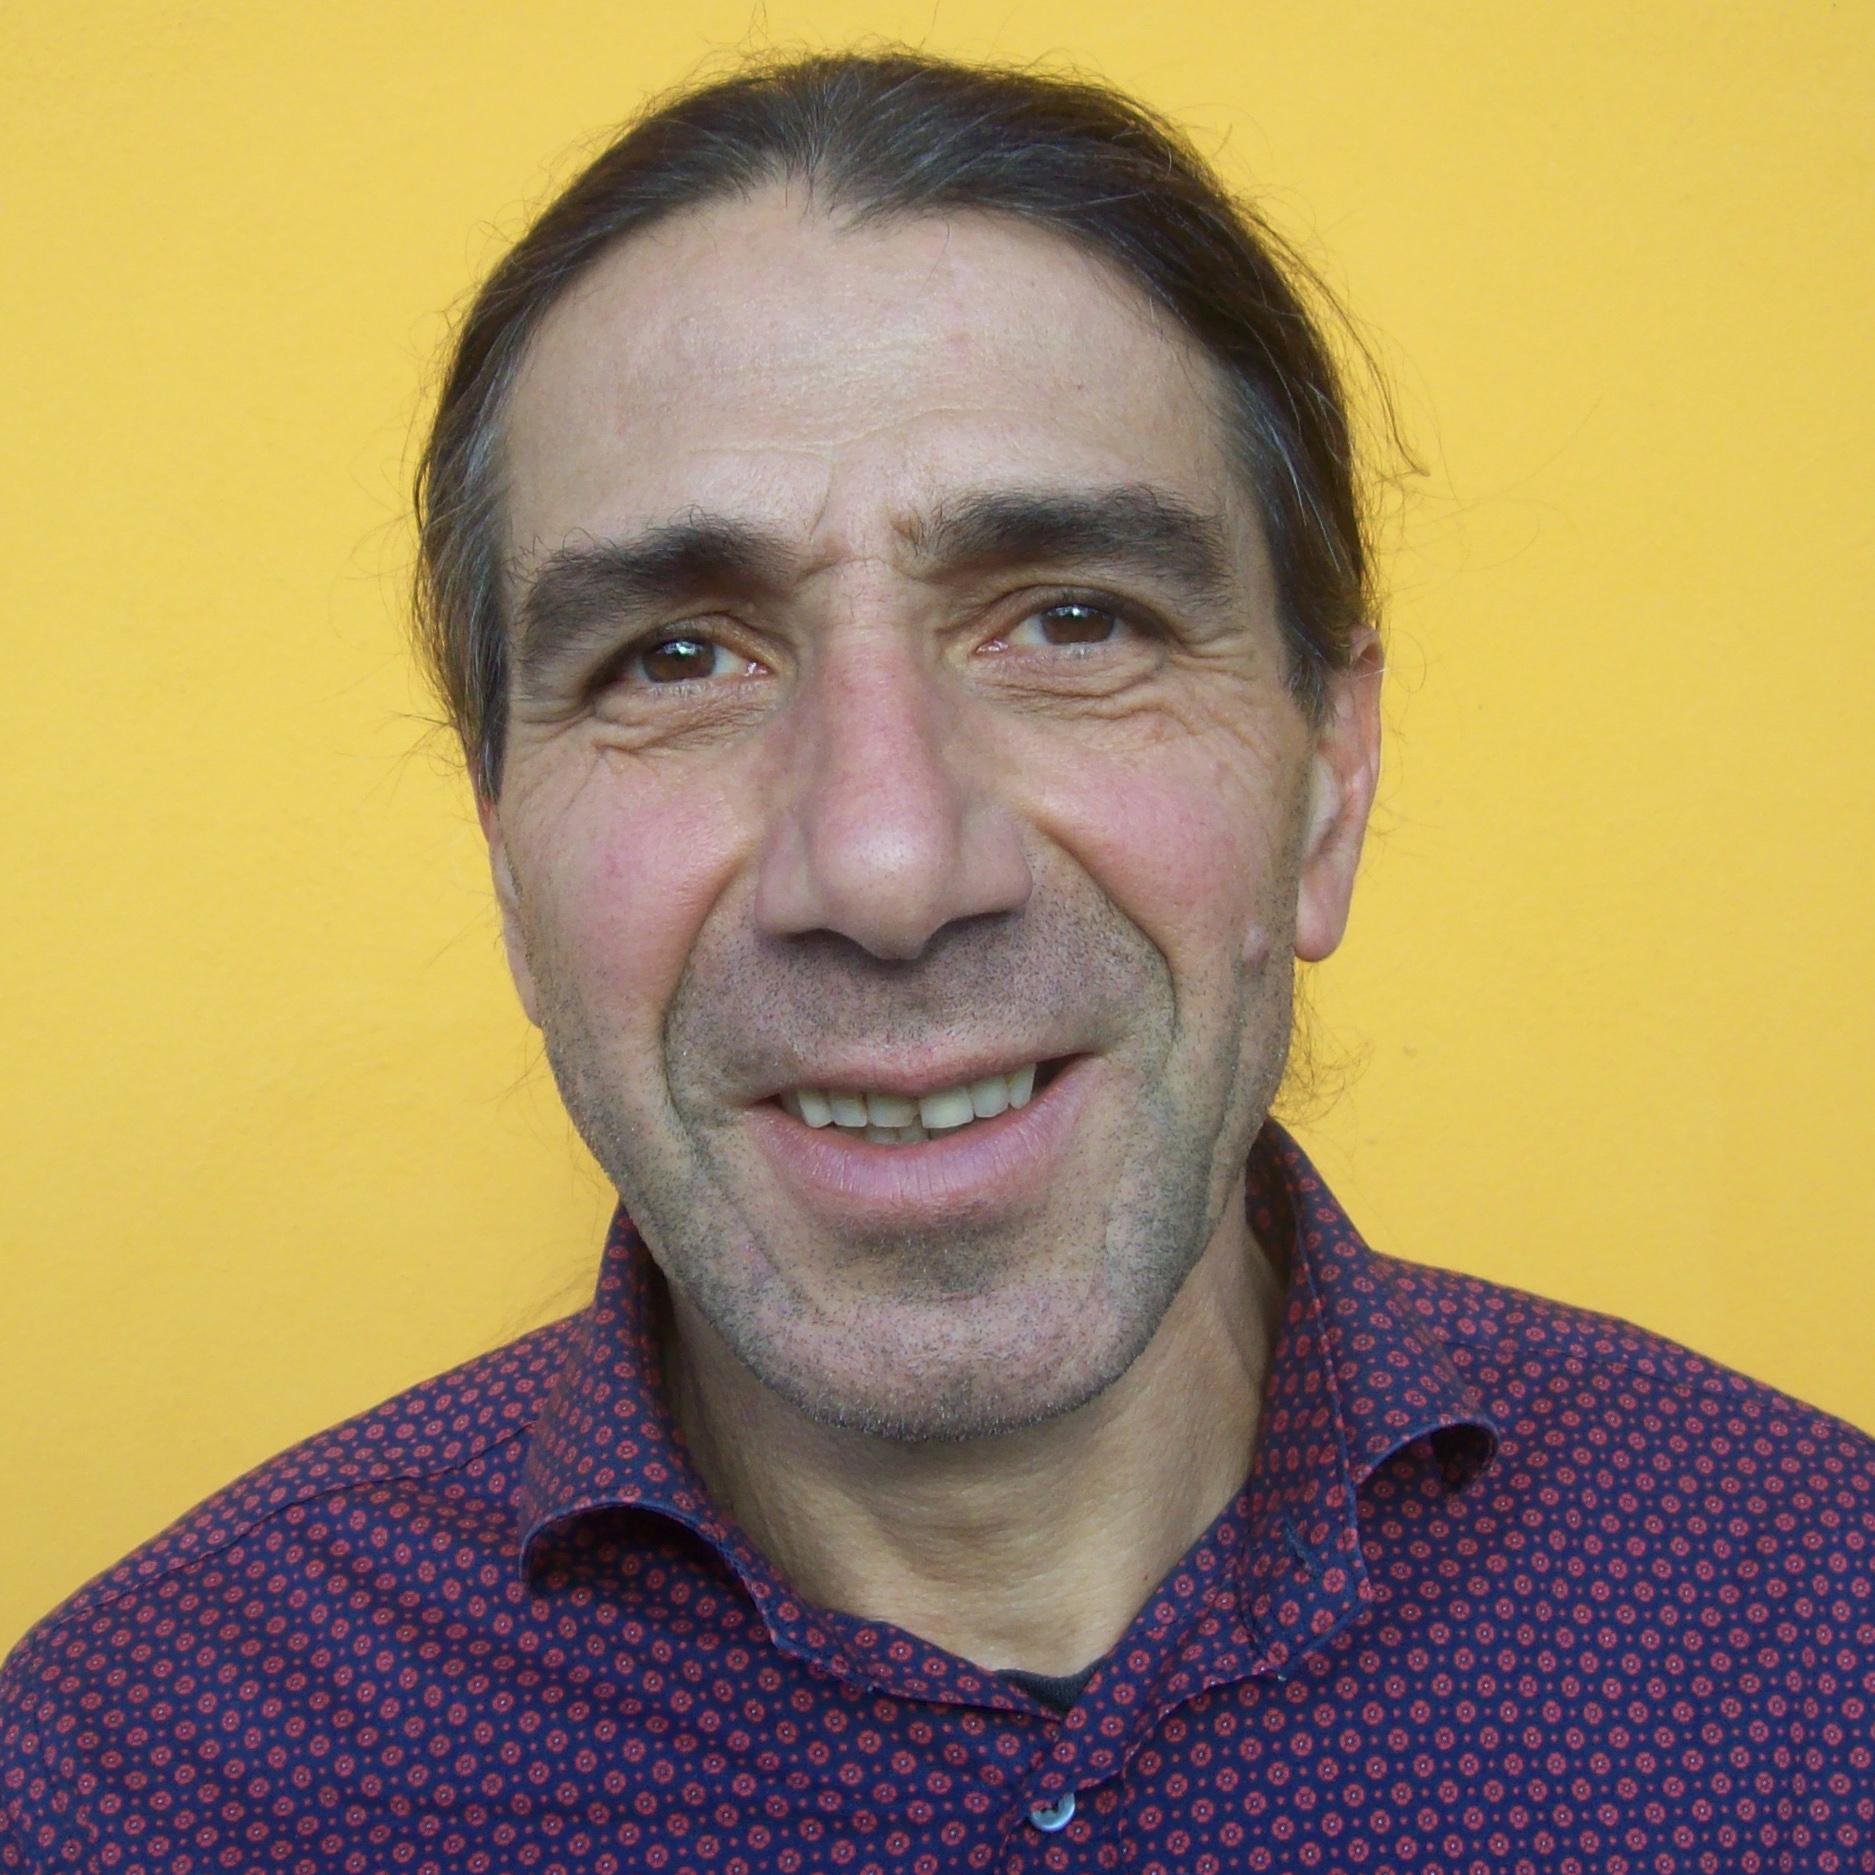 Antonio Daraio